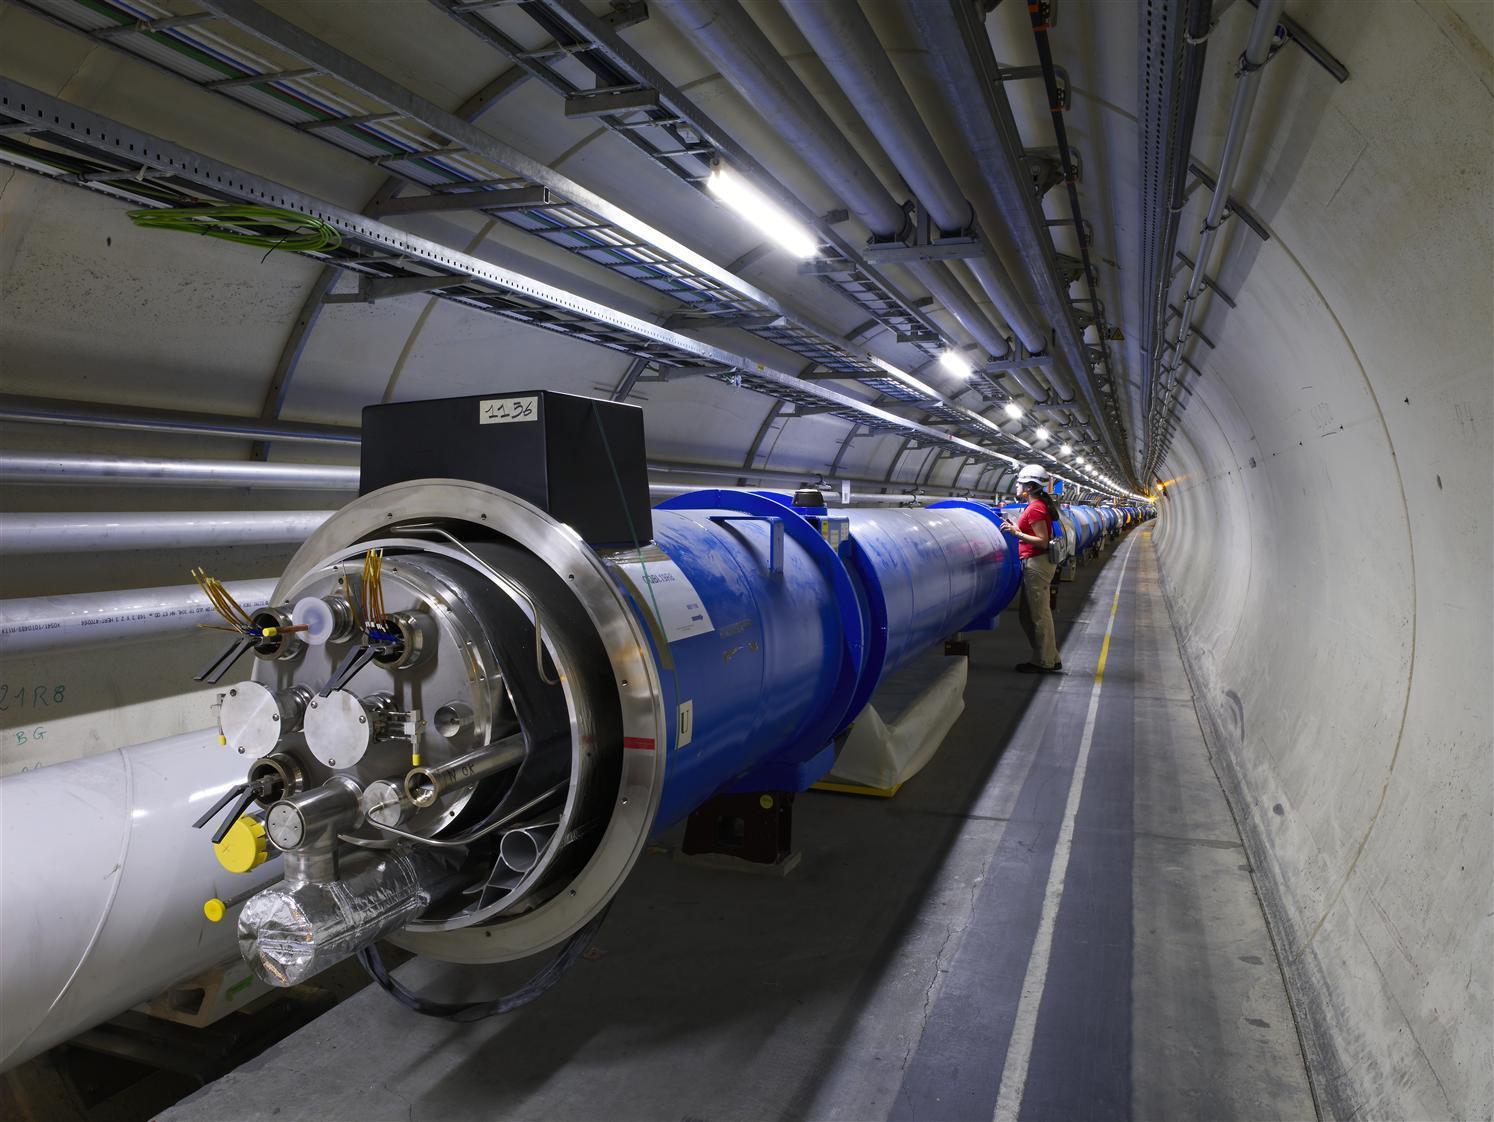 Du kan nå gå gjennom den 27 kilometer lange LHC-tunnelen.Foto: Cern